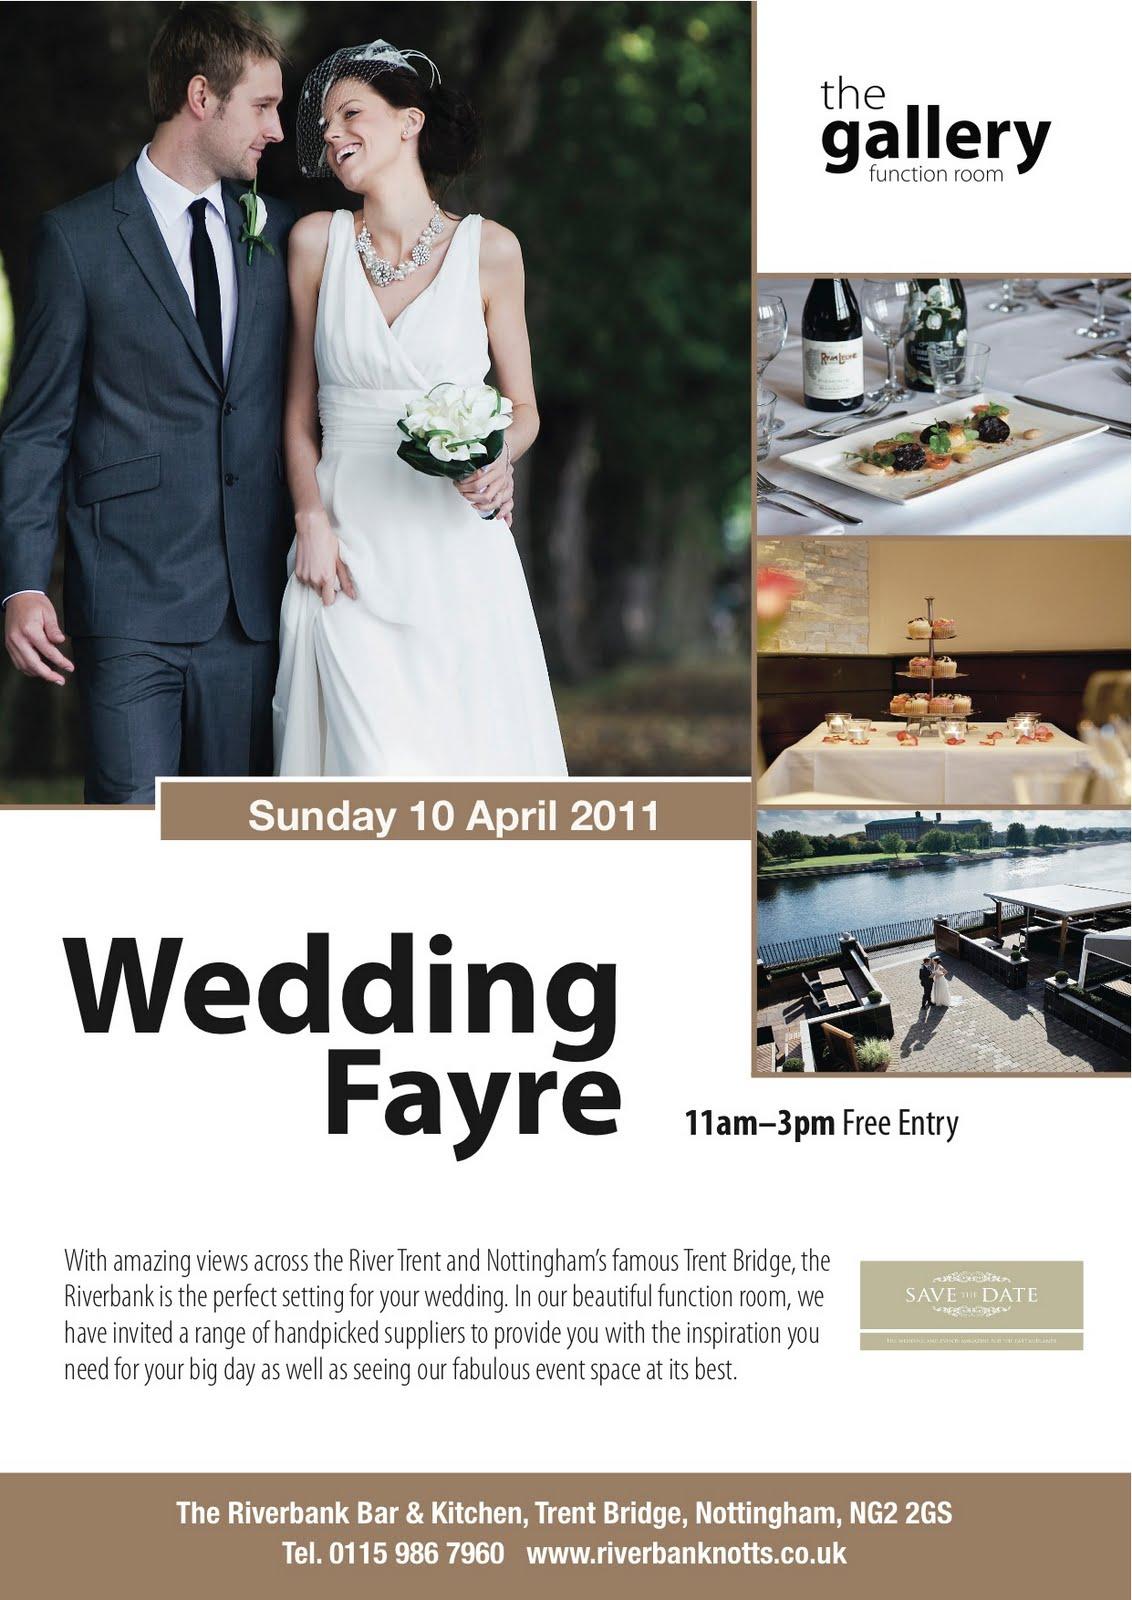 Wedding Fayre at The Riverbank - Hummingbird Card Company Blog